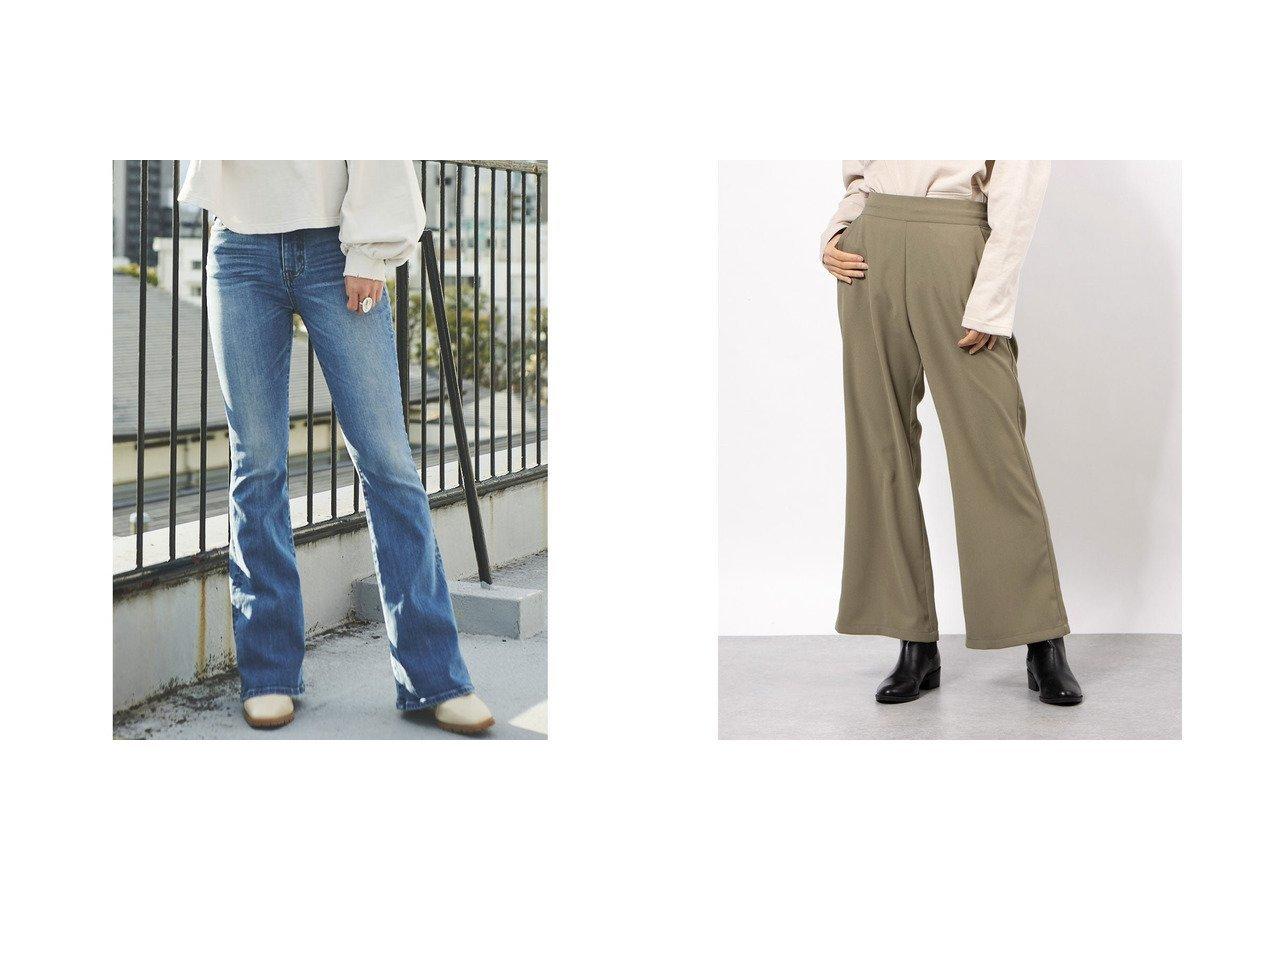 【EGOIST/エゴイスト】のグランジフレアデニムパンツⅡ&【RIKKA FEMME/リッカファム】のレディースロングパンツ パンツのおすすめ!人気、トレンド・レディースファッションの通販  おすすめで人気の流行・トレンド、ファッションの通販商品 メンズファッション・キッズファッション・インテリア・家具・レディースファッション・服の通販 founy(ファニー) https://founy.com/ ファッション Fashion レディースファッション WOMEN パンツ Pants デニムパンツ Denim Pants 春 Spring ストレッチ デニム 人気 ハイライズ パッチ フィット フレア ミックス A/W 秋冬 AW Autumn/Winter / FW Fall-Winter 2021年 2021 S/S 春夏 SS Spring/Summer 2021-2022 秋冬 A/W AW Autumn/Winter / FW Fall-Winter 2021-2022 トレンド ドローコード フロント リラックス  ID:crp329100000015593